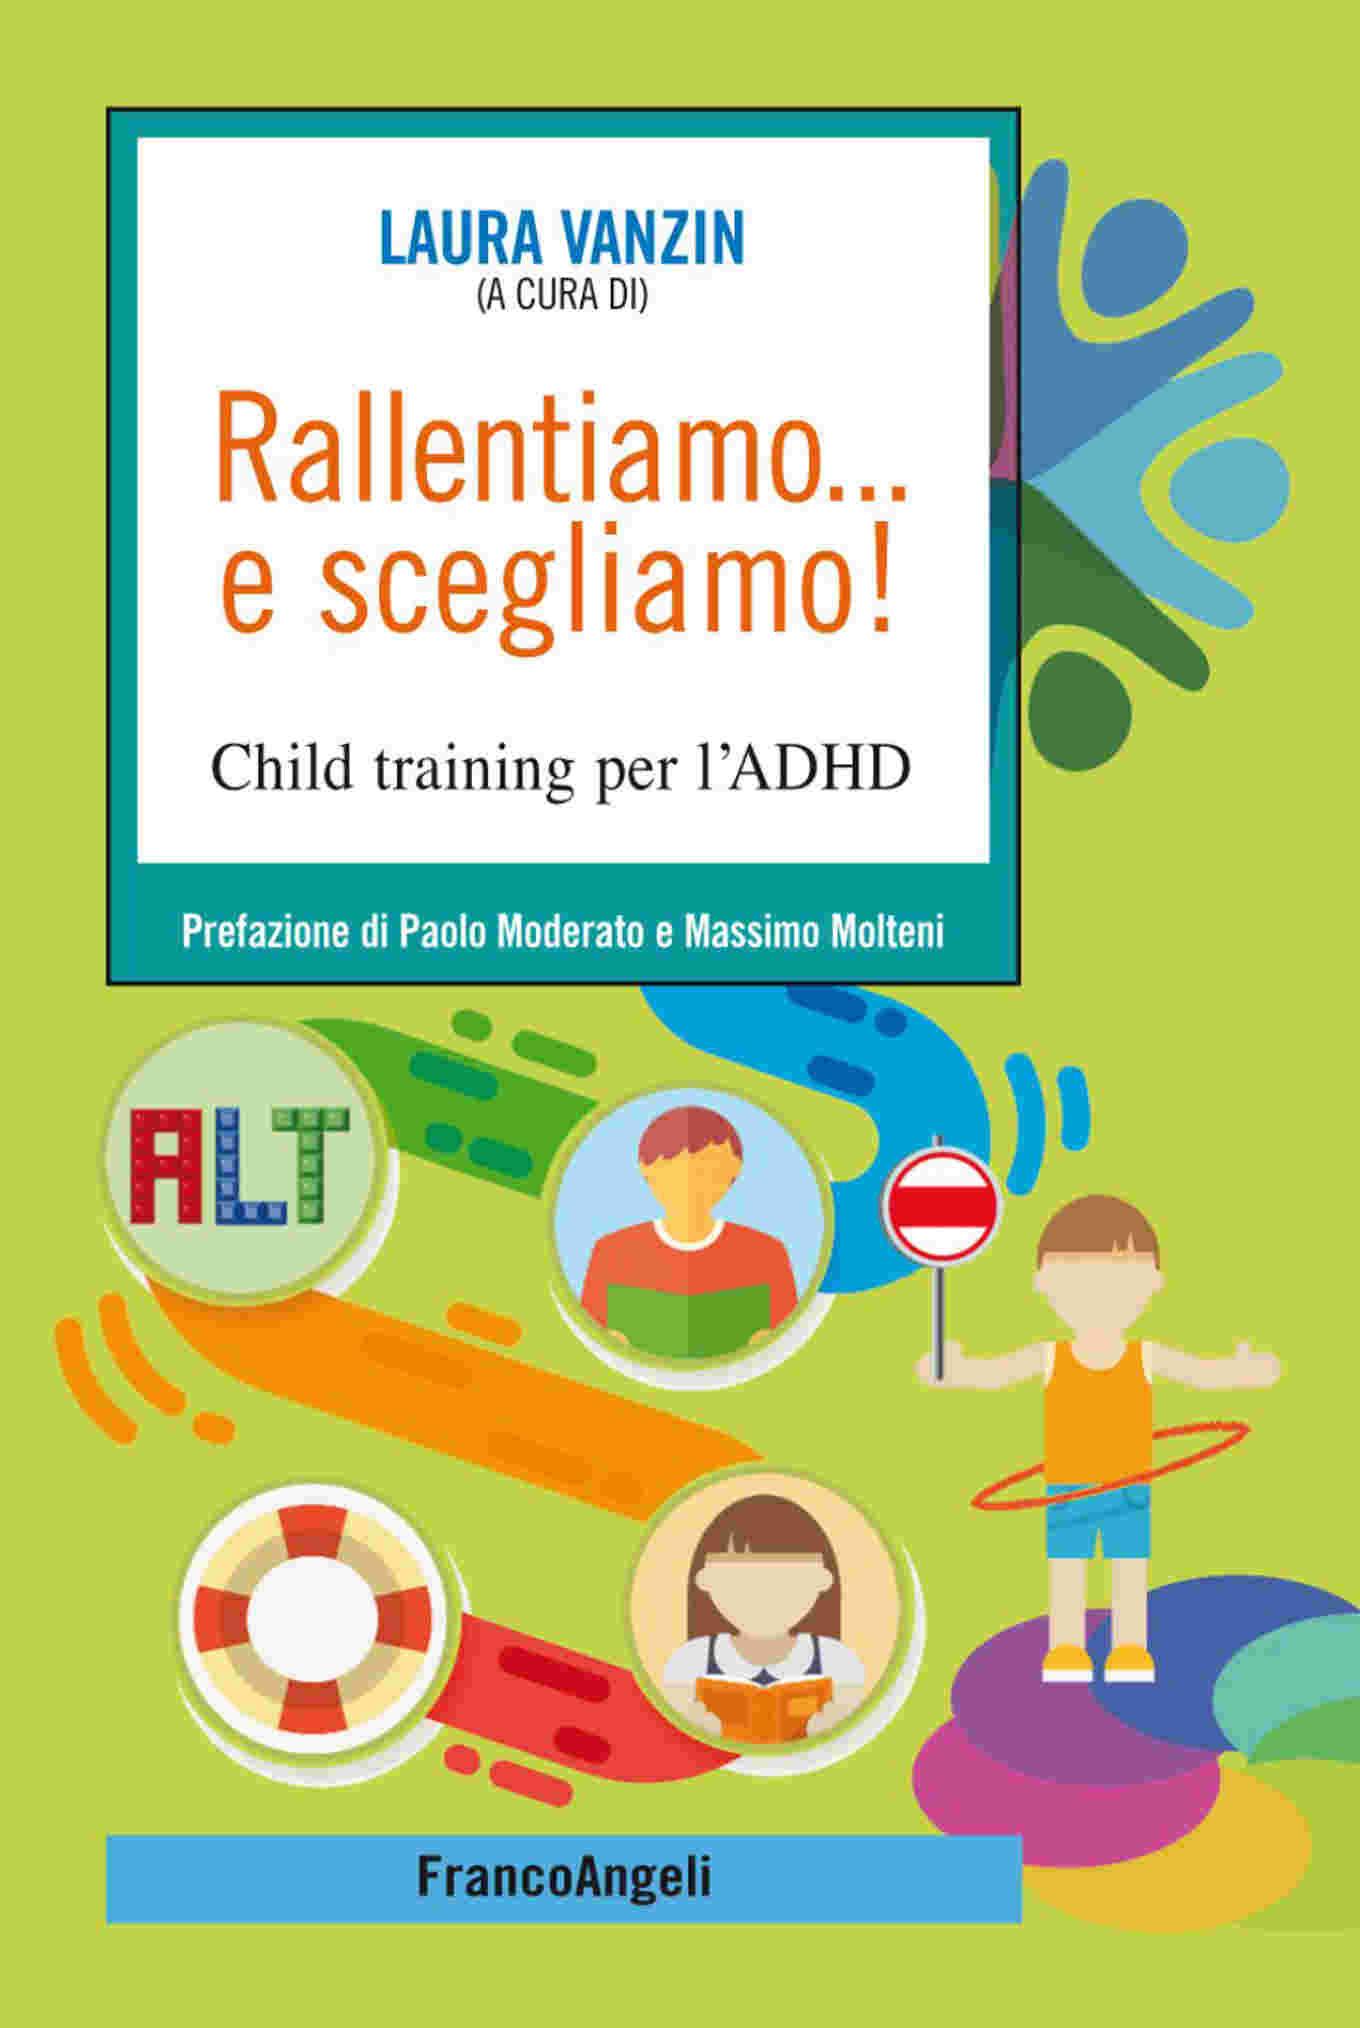 Rallentiamo… e scegliamo! Child training per l'ADHD (2018) – Recensione del libro